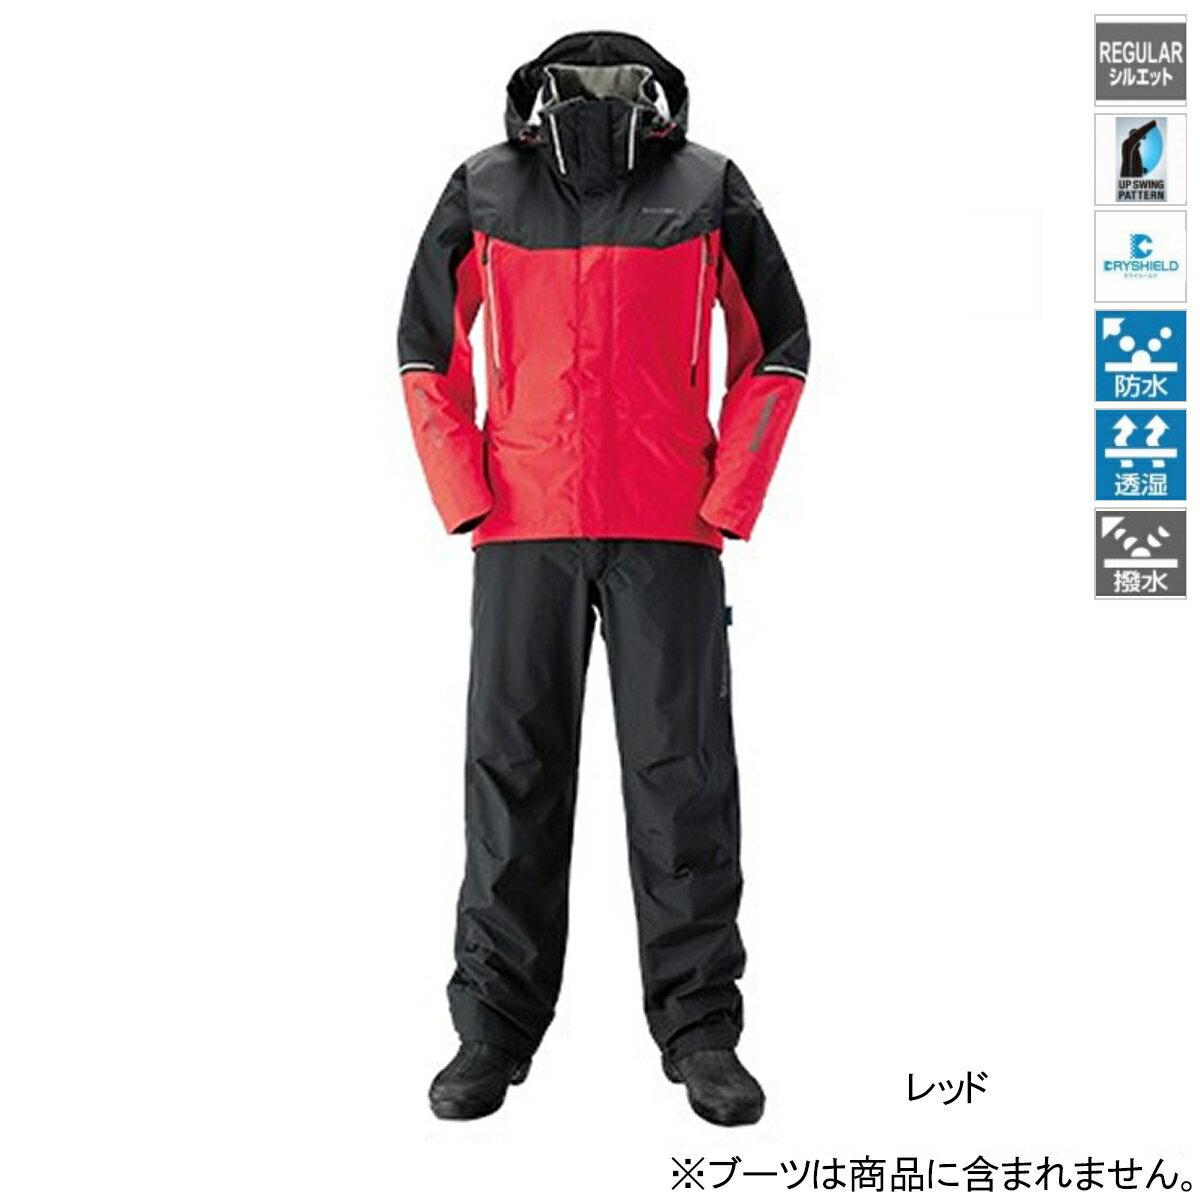 シマノ DSアドバンススーツ RA-025S L レッド【送料無料】